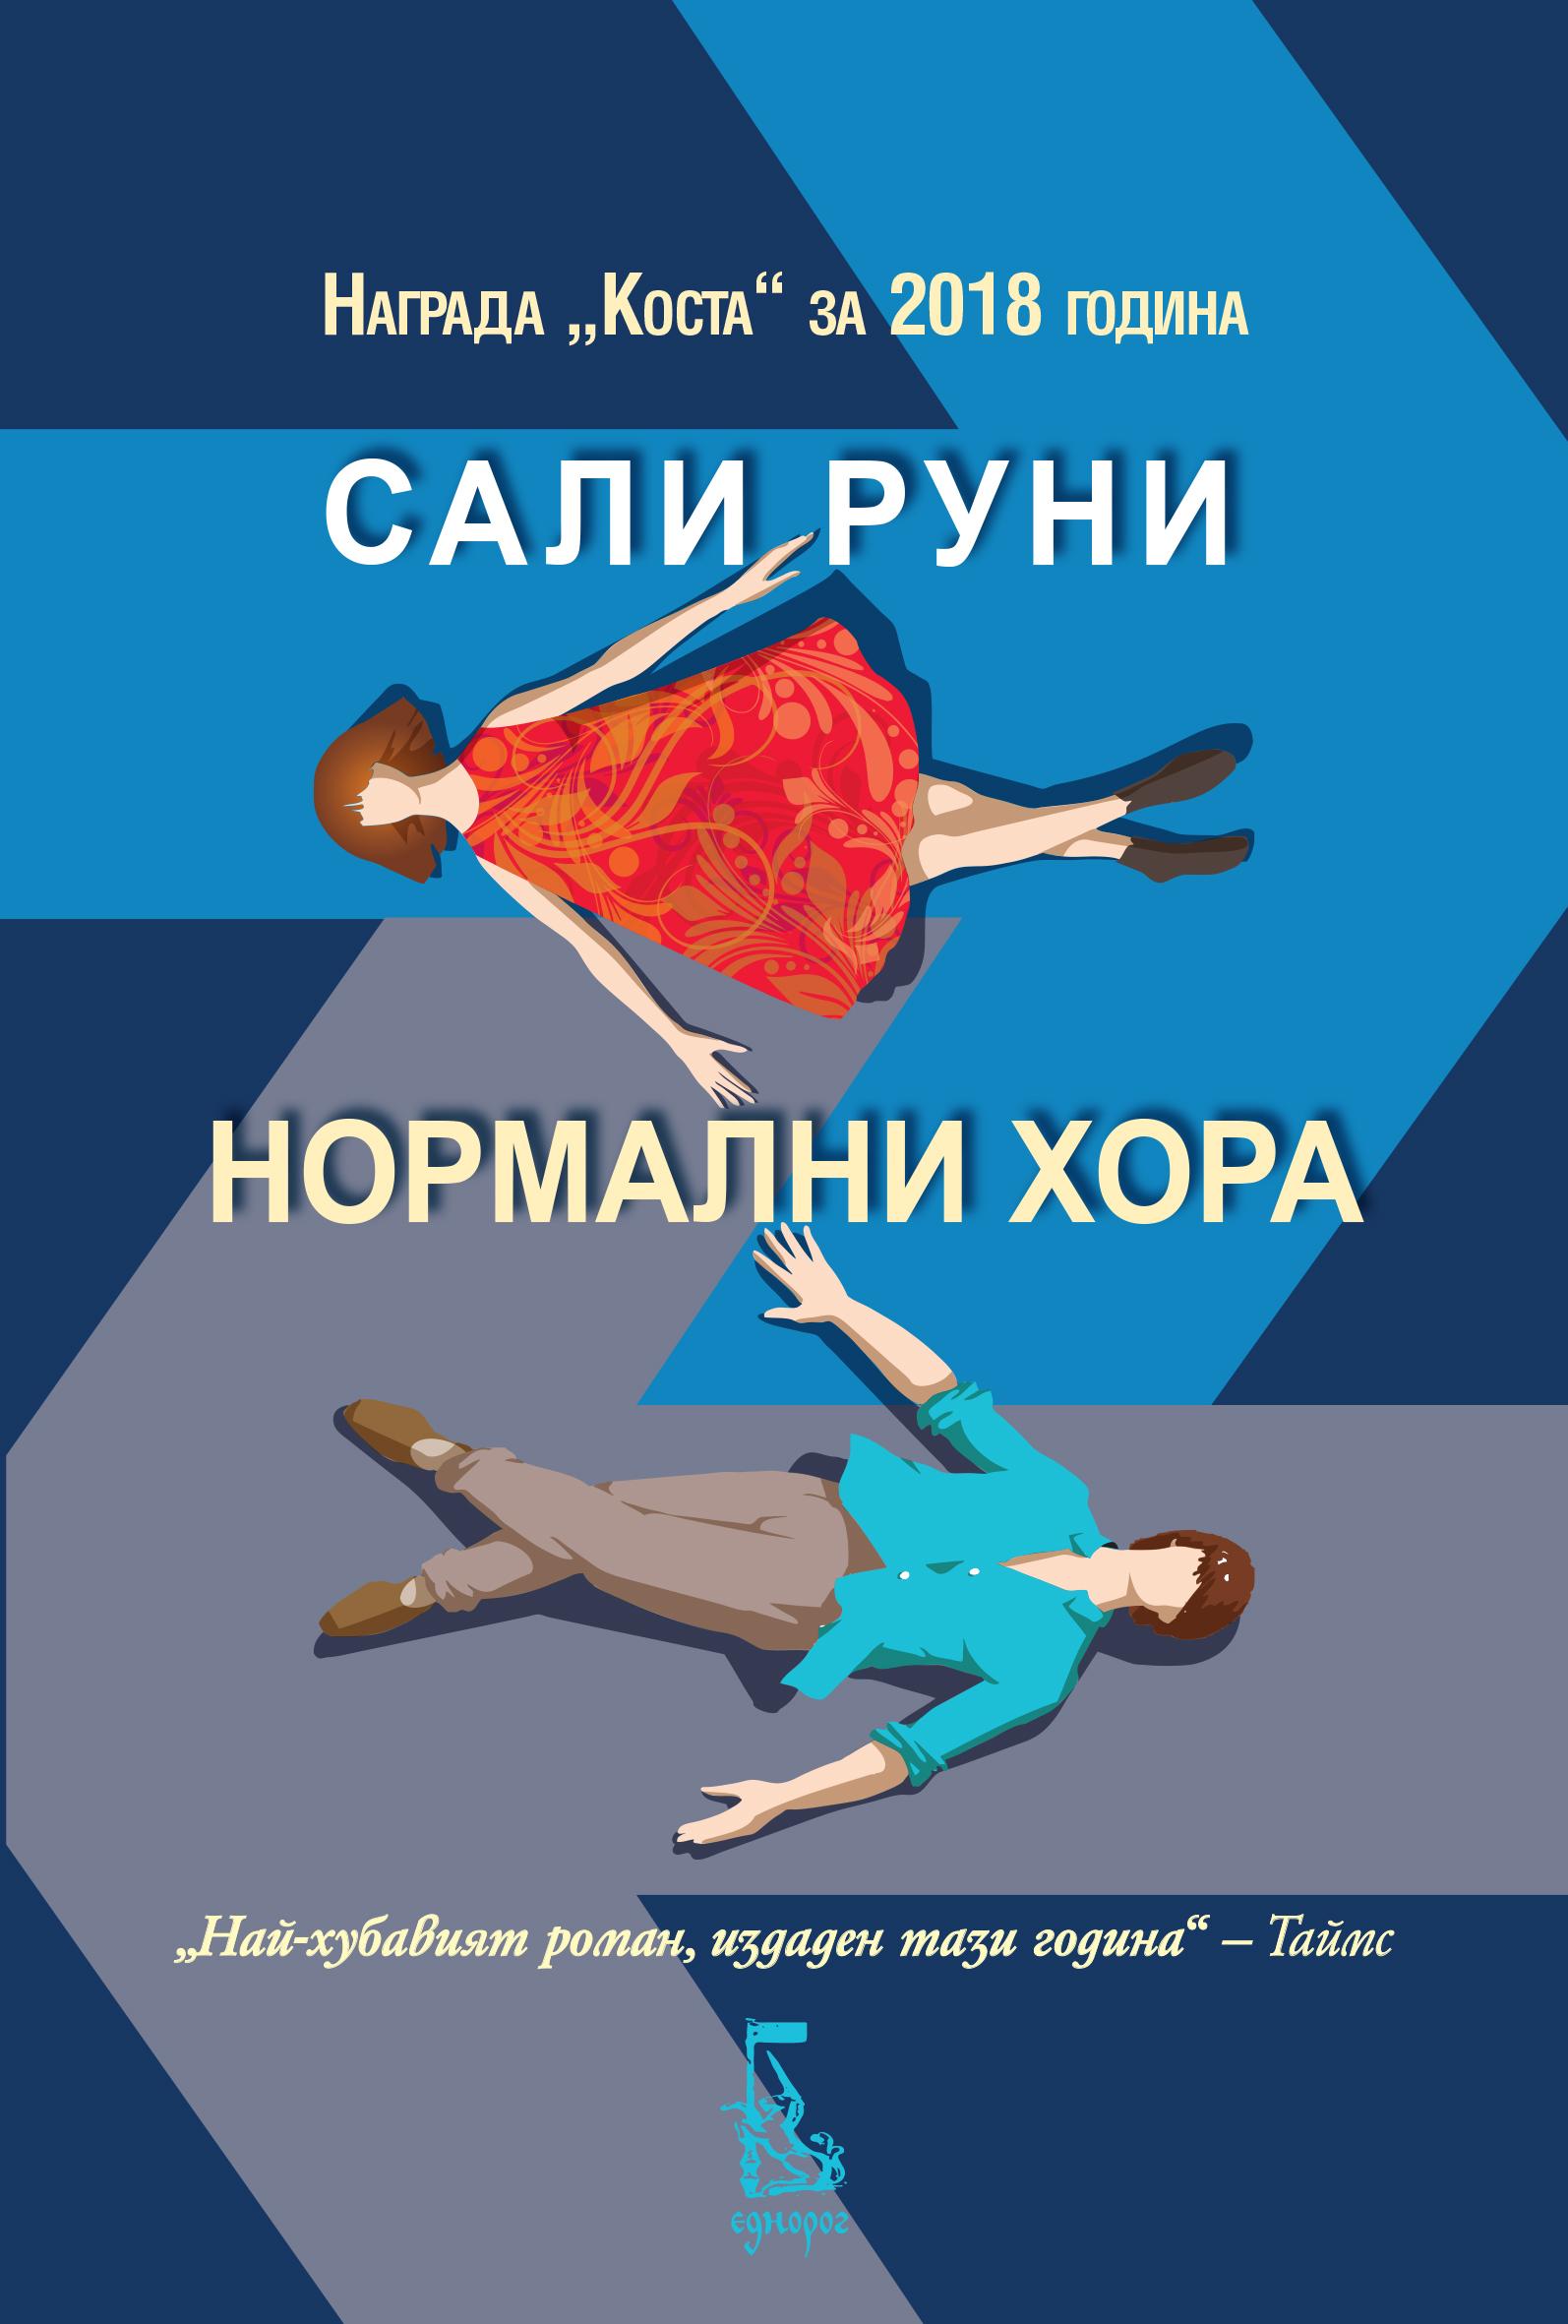 """Награденият роман на Сали Руни """"Нормални хора"""" от днес по книжарниците"""